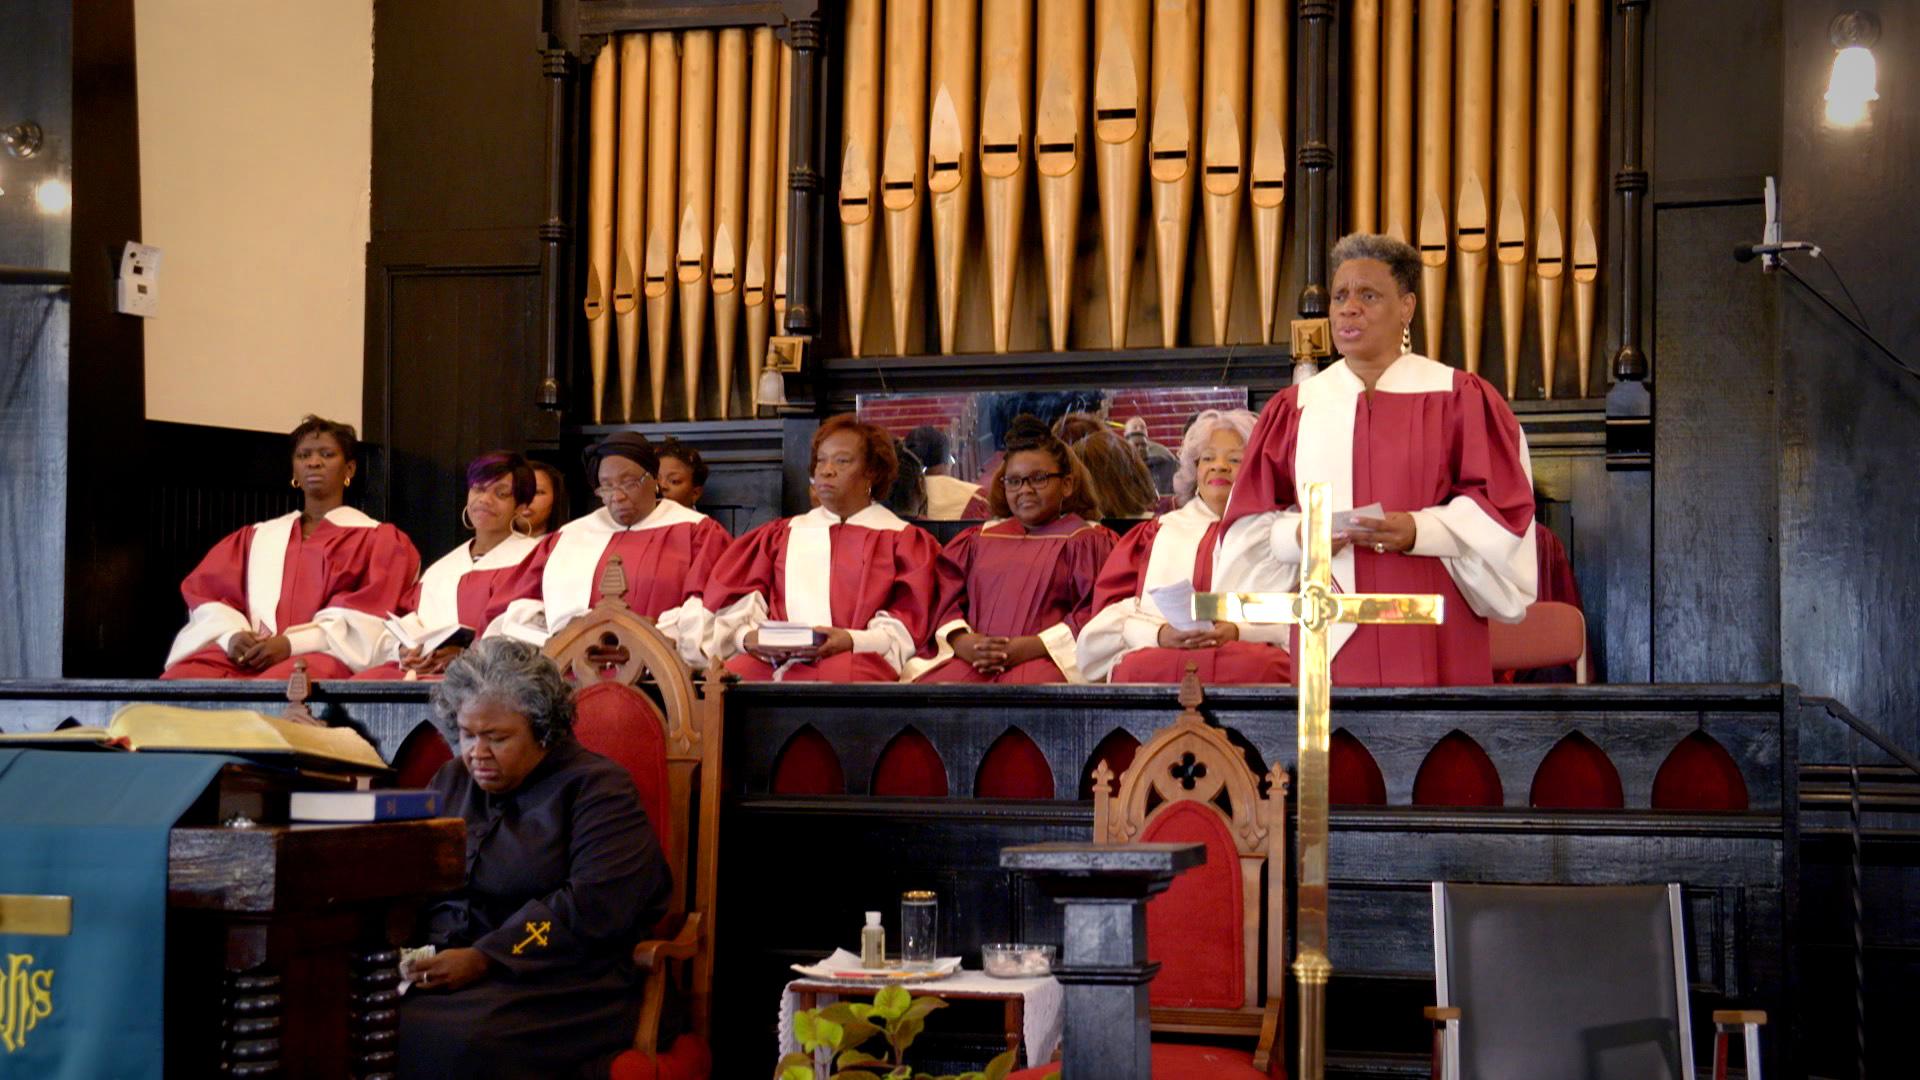 025 - AME Choir